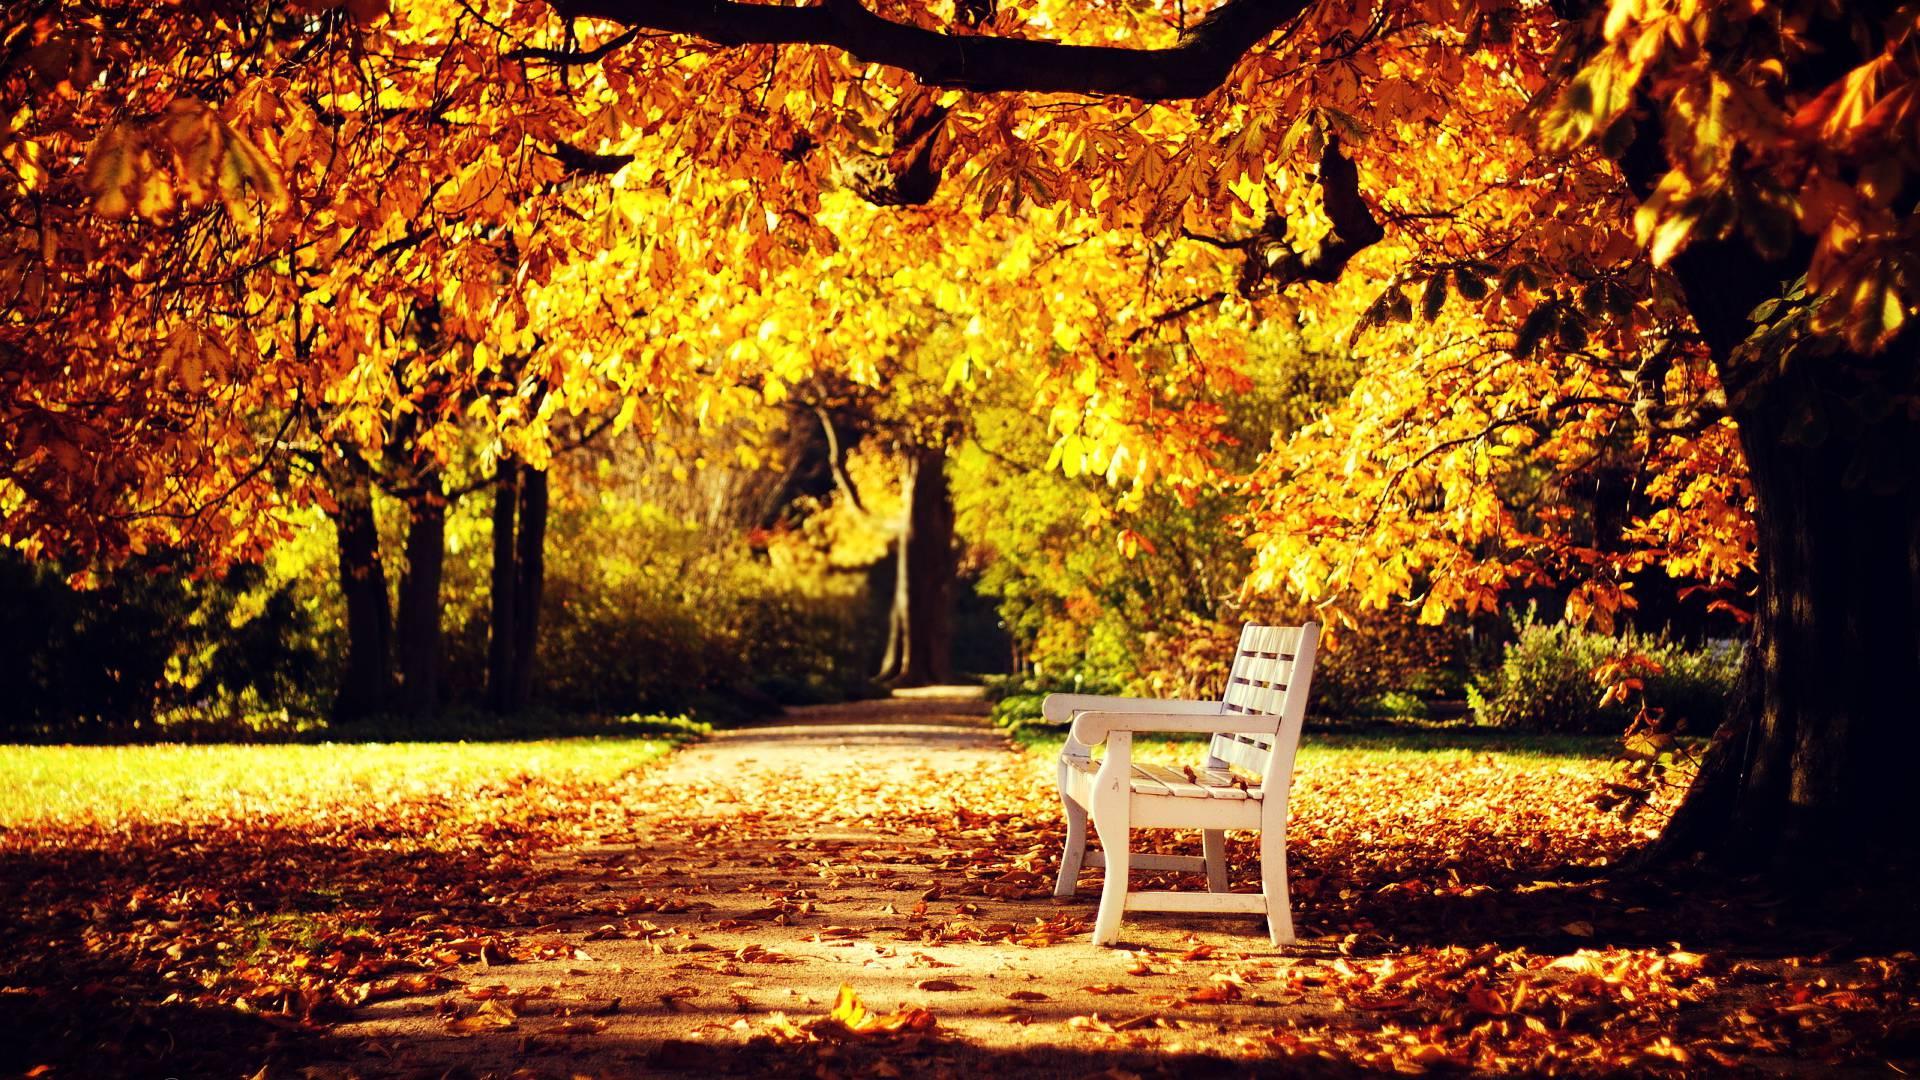 Hình ảnh thiên nhiên mùa thu đẹp mê hồn